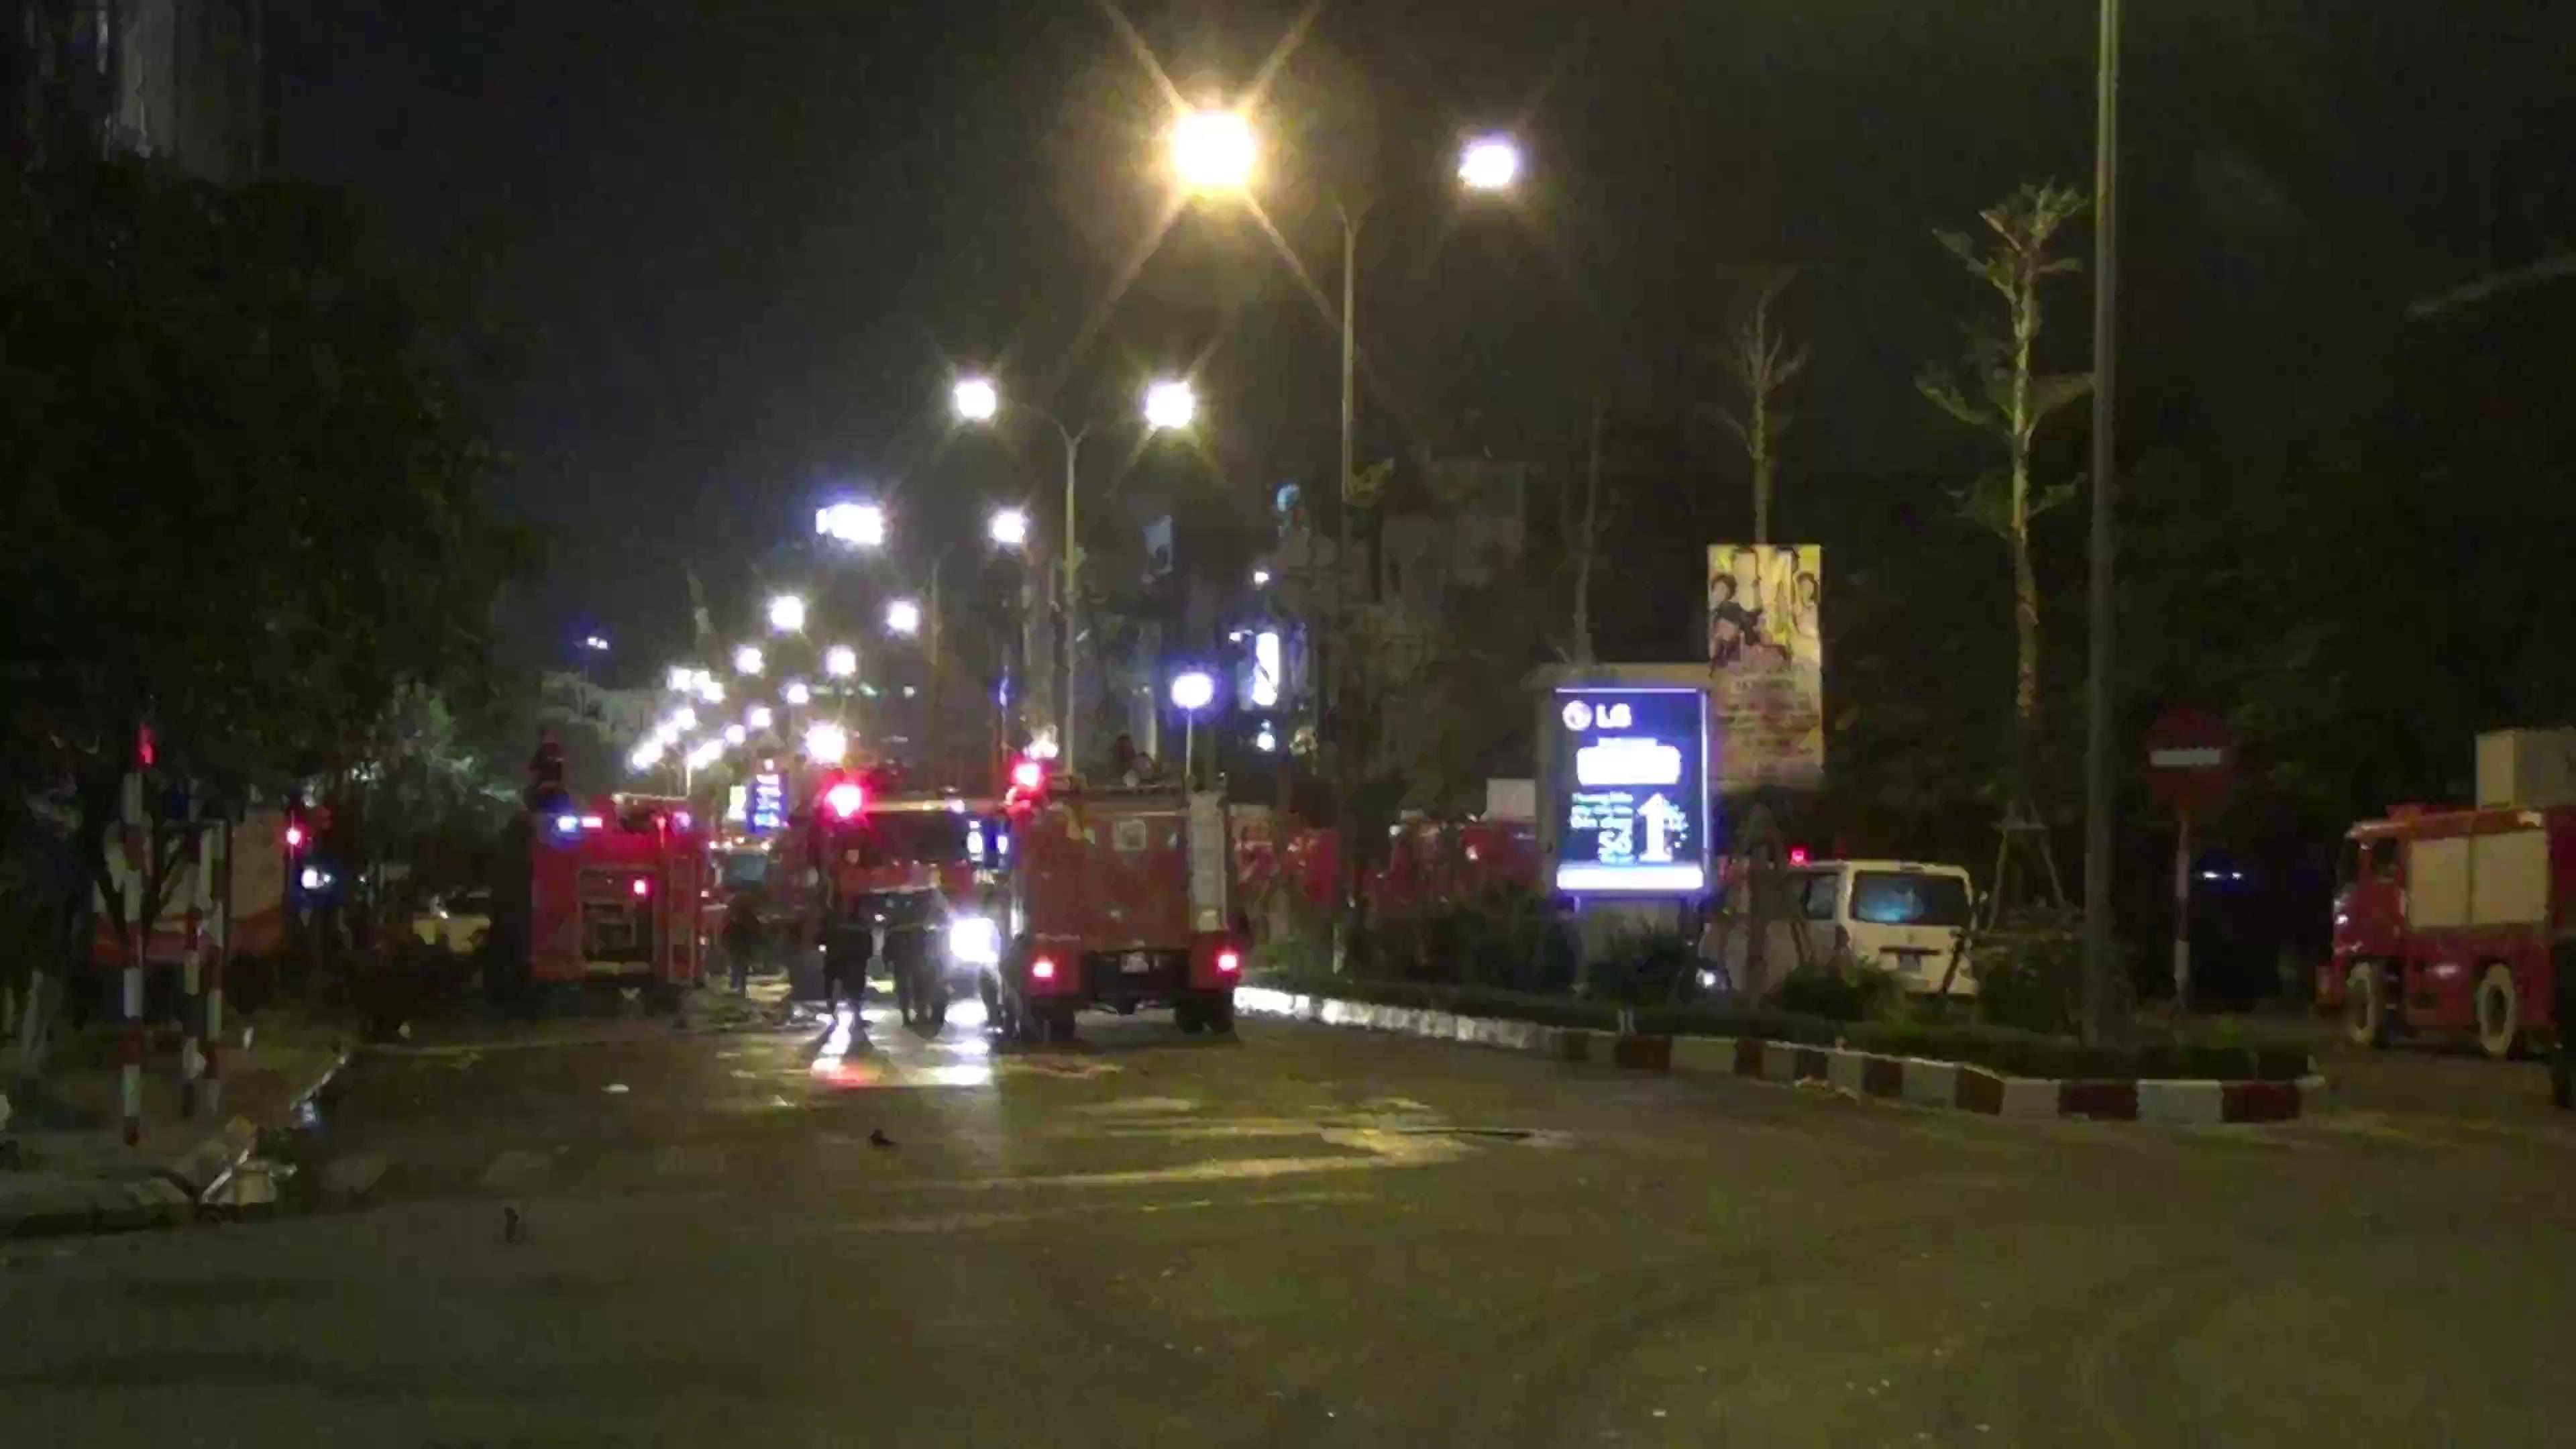 Hà Nội: Cháy 4 nhà cao tầng, nghi có người mắc kẹt - Ảnh minh hoạ 3